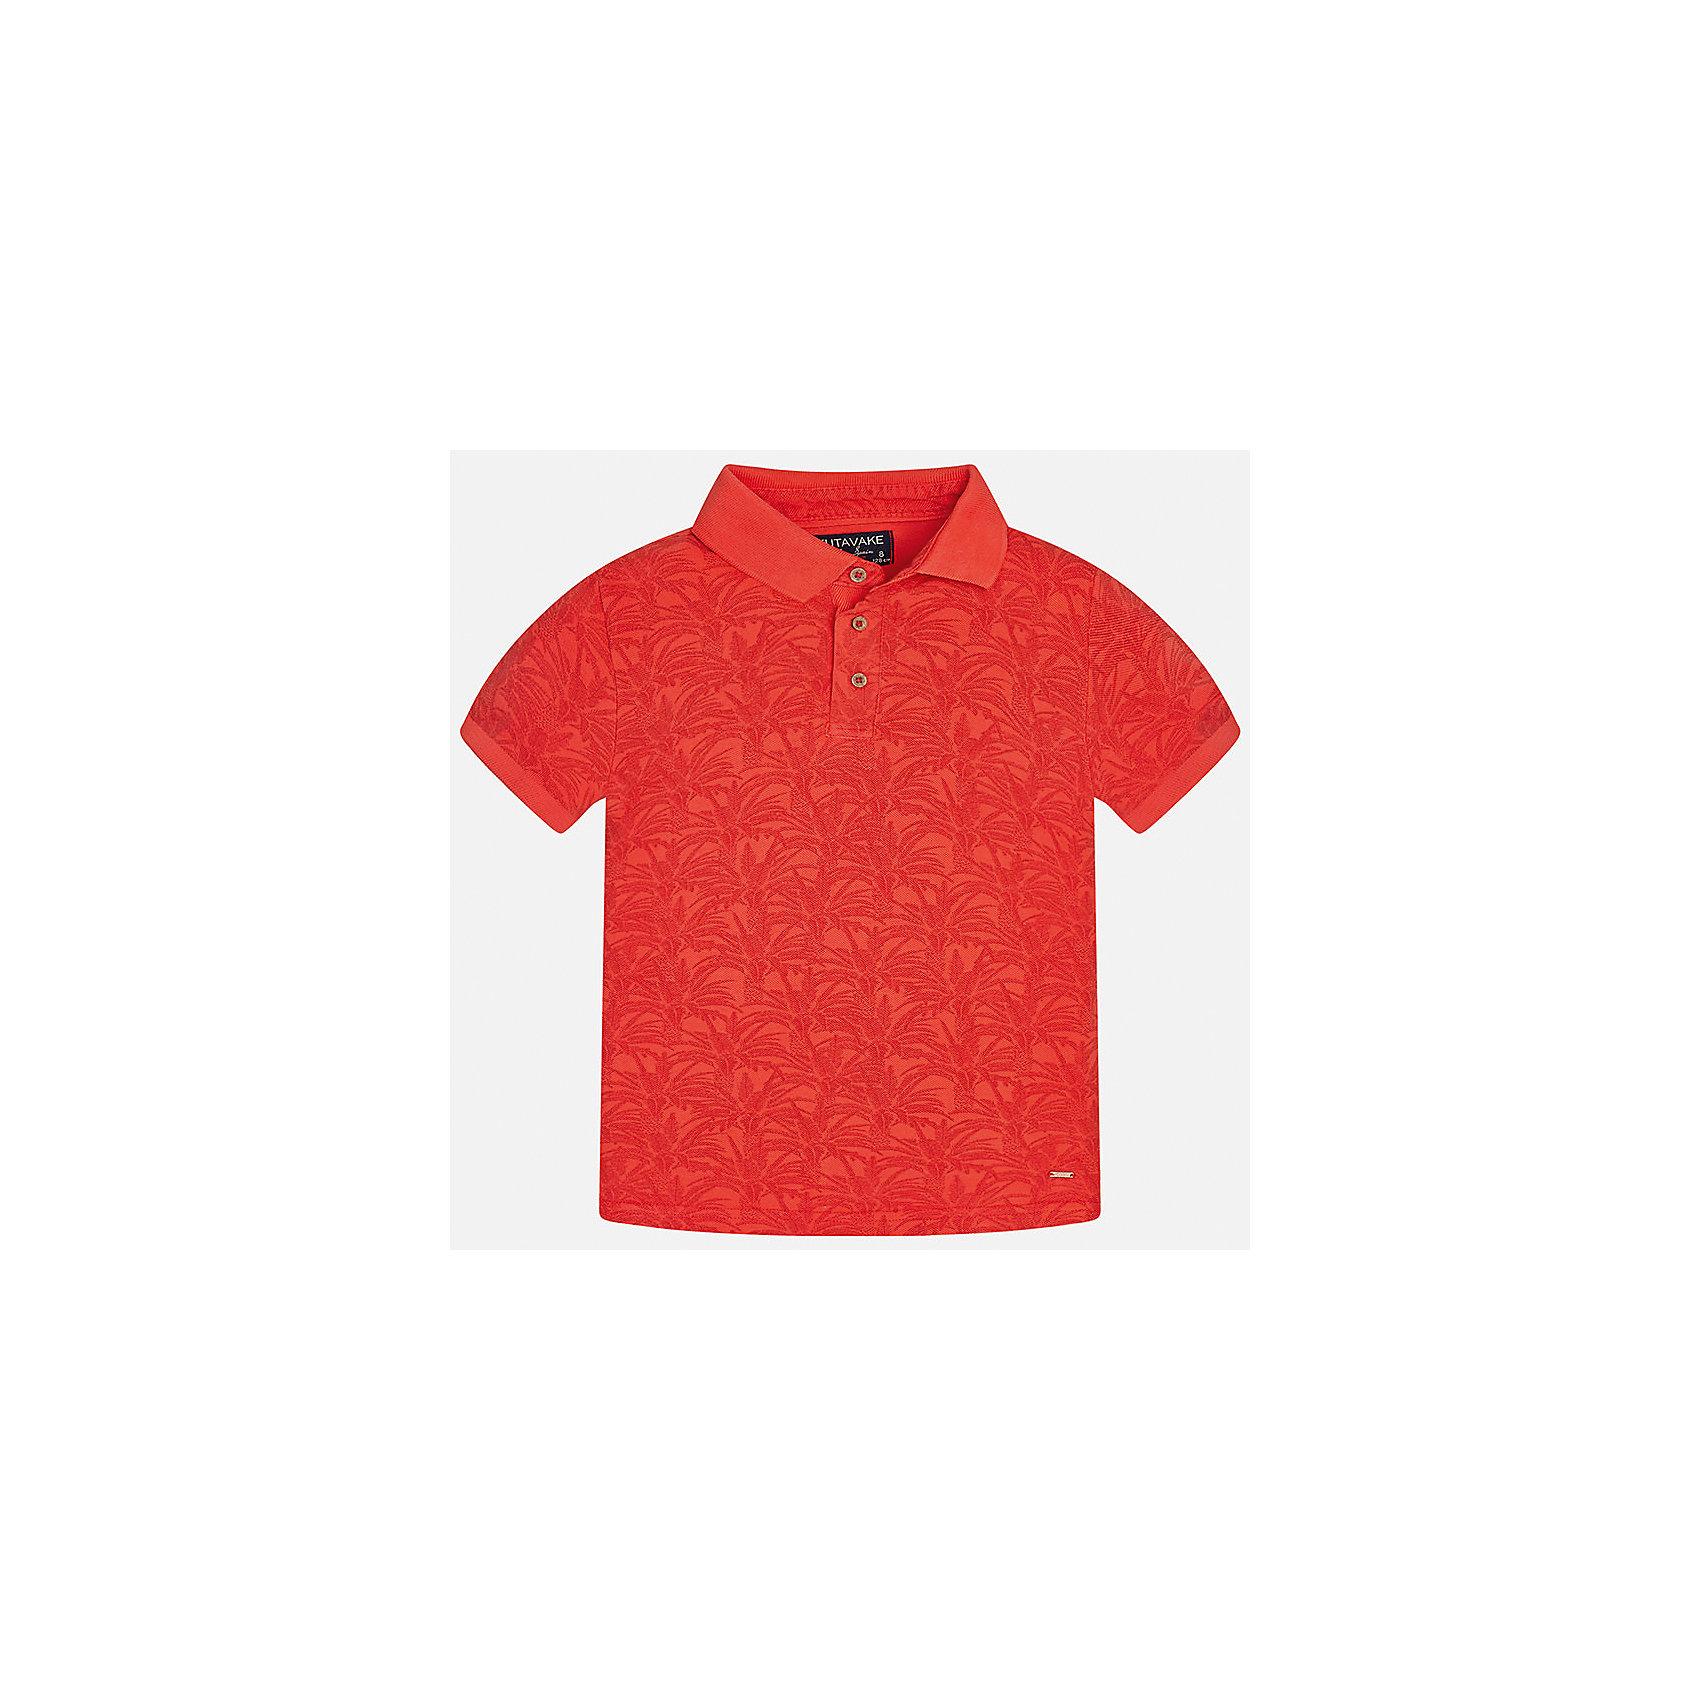 Футболка-поло для мальчика MayoralФутболки, поло и топы<br>Характеристики товара:<br><br>• цвет: красный<br>• состав: 100% хлопок<br>• отложной воротник<br>• декорирована принтом<br>• короткие рукава<br>• застежки: пуговицы<br>• страна бренда: Испания<br><br>Модная футболка-поло поможет разнообразить гардероб мальчика. Она отлично сочетается с брюками, шортами, джинсами. Универсальный крой и цвет позволяет подобрать к вещи низ разных расцветок. Практичное и стильное изделие! Хорошо смотрится и комфортно сидит на детях. В составе материала - только натуральный хлопок, гипоаллергенный, приятный на ощупь, дышащий. <br><br>Одежда, обувь и аксессуары от испанского бренда Mayoral полюбились детям и взрослым по всему миру. Модели этой марки - стильные и удобные. Для их производства используются только безопасные, качественные материалы и фурнитура. Порадуйте ребенка модными и красивыми вещами от Mayoral! <br><br>Футболку-поло для мальчика от испанского бренда Mayoral (Майорал) можно купить в нашем интернет-магазине.<br><br>Ширина мм: 230<br>Глубина мм: 40<br>Высота мм: 220<br>Вес г: 250<br>Цвет: розовый<br>Возраст от месяцев: 96<br>Возраст до месяцев: 108<br>Пол: Мужской<br>Возраст: Детский<br>Размер: 140,128/134,152,170,164,158<br>SKU: 5281538